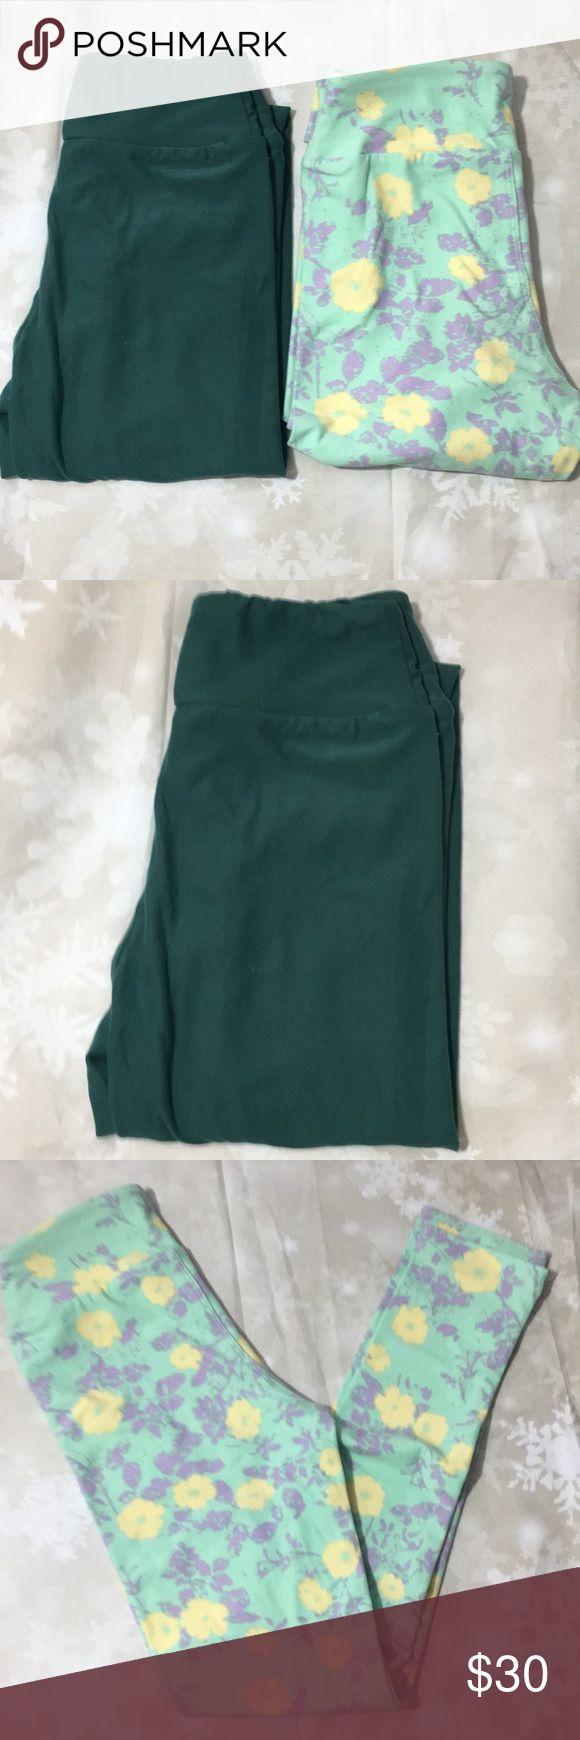 LulaRoe Tween bundle of 2 leggings 2 tween LLR Leggings new never worn LLR does not tag leggings I solid 1 print LuLaRoe Pants Leggings